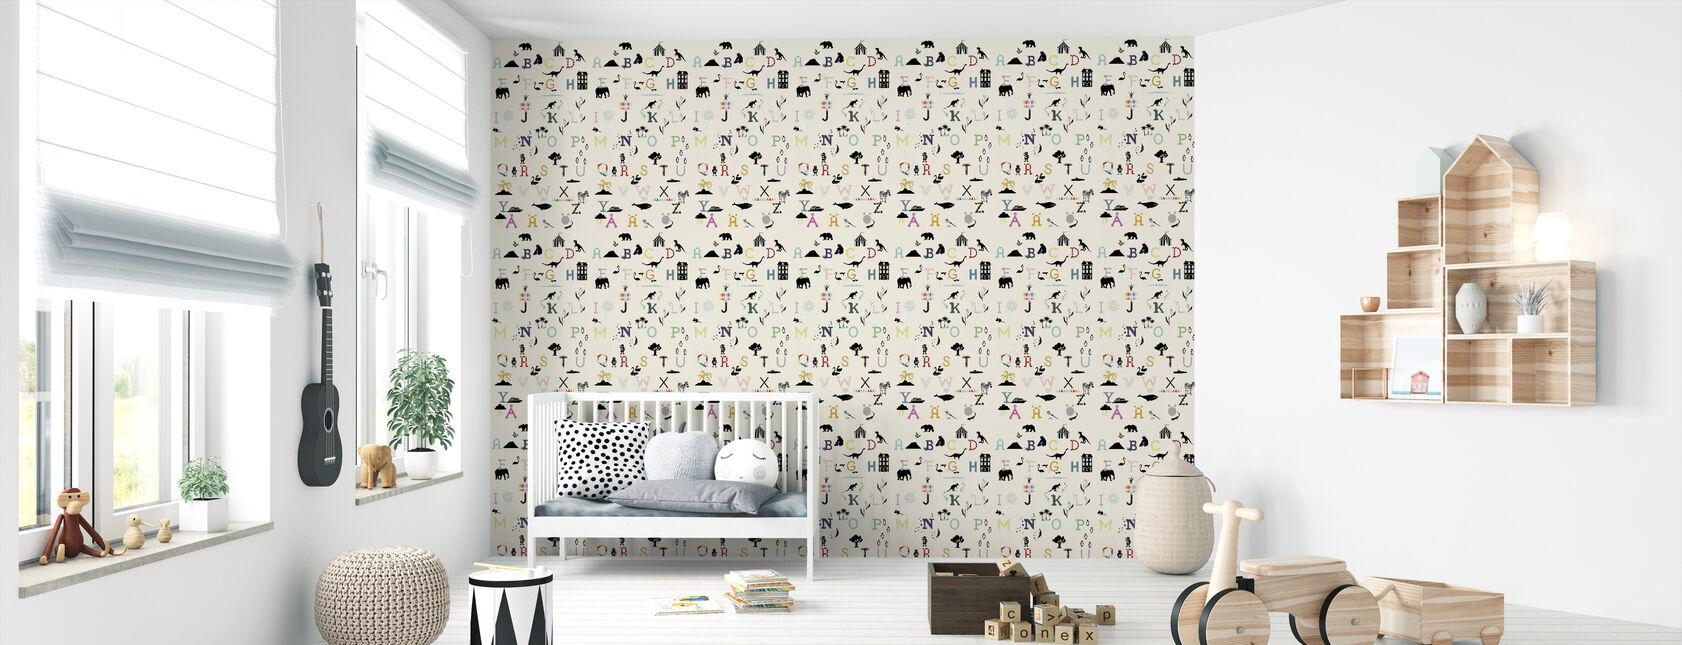 ABC mur - Papier peint - Chambre de bébé